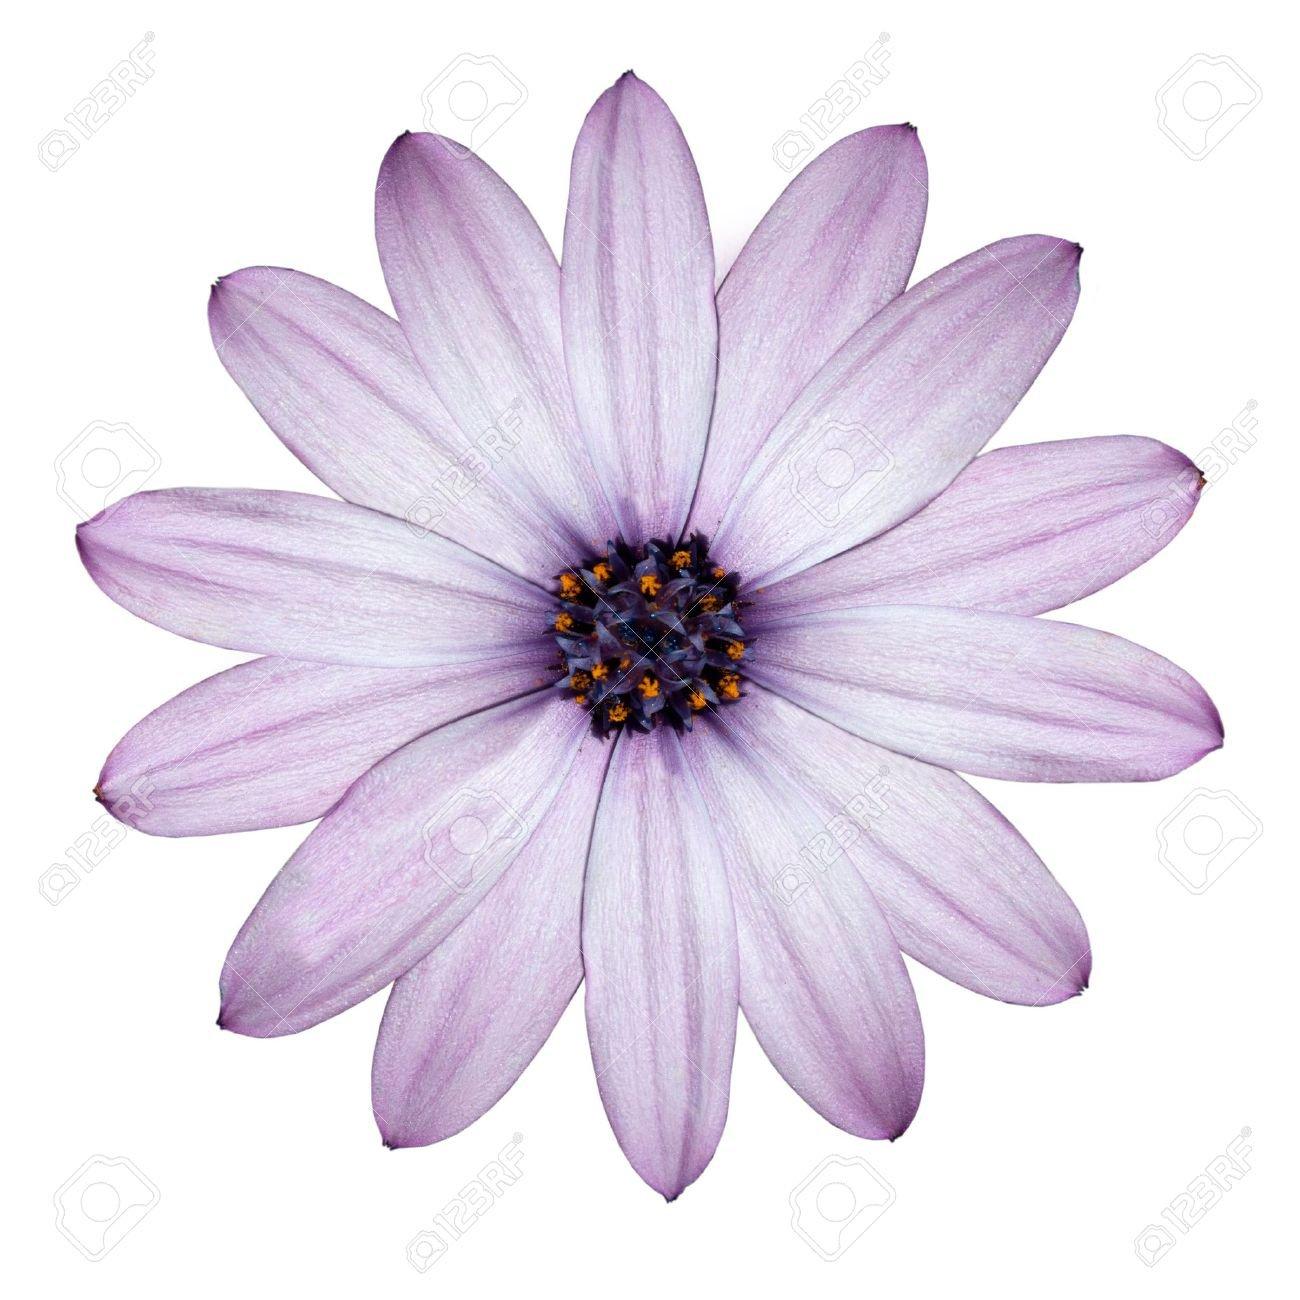 light purple flower - Google Search